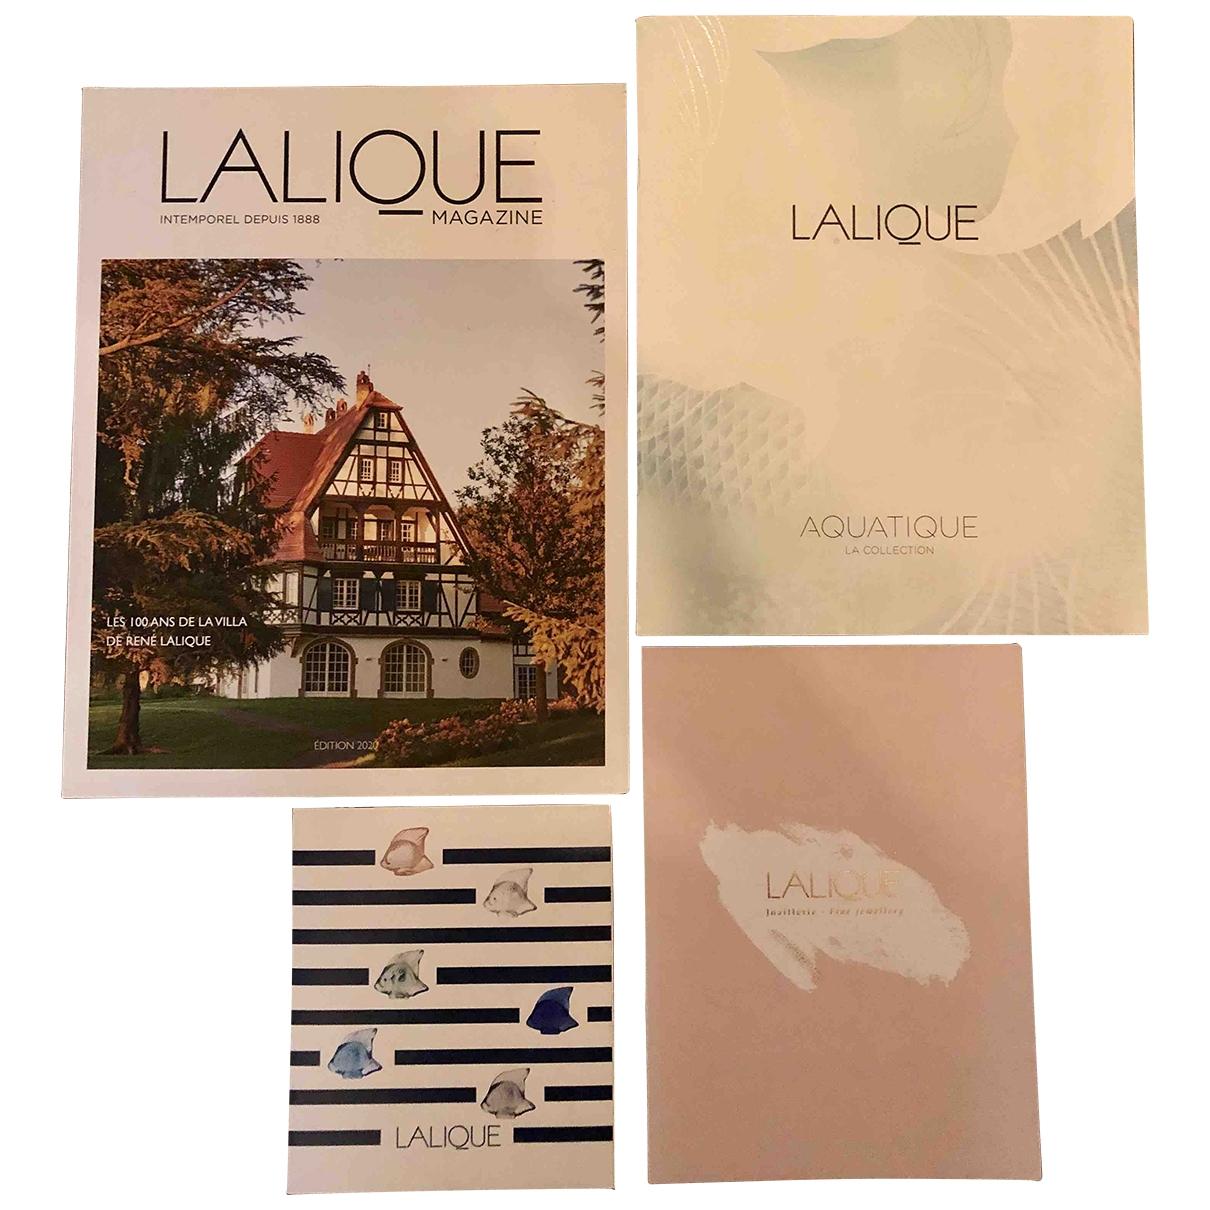 Fotografia Lalique